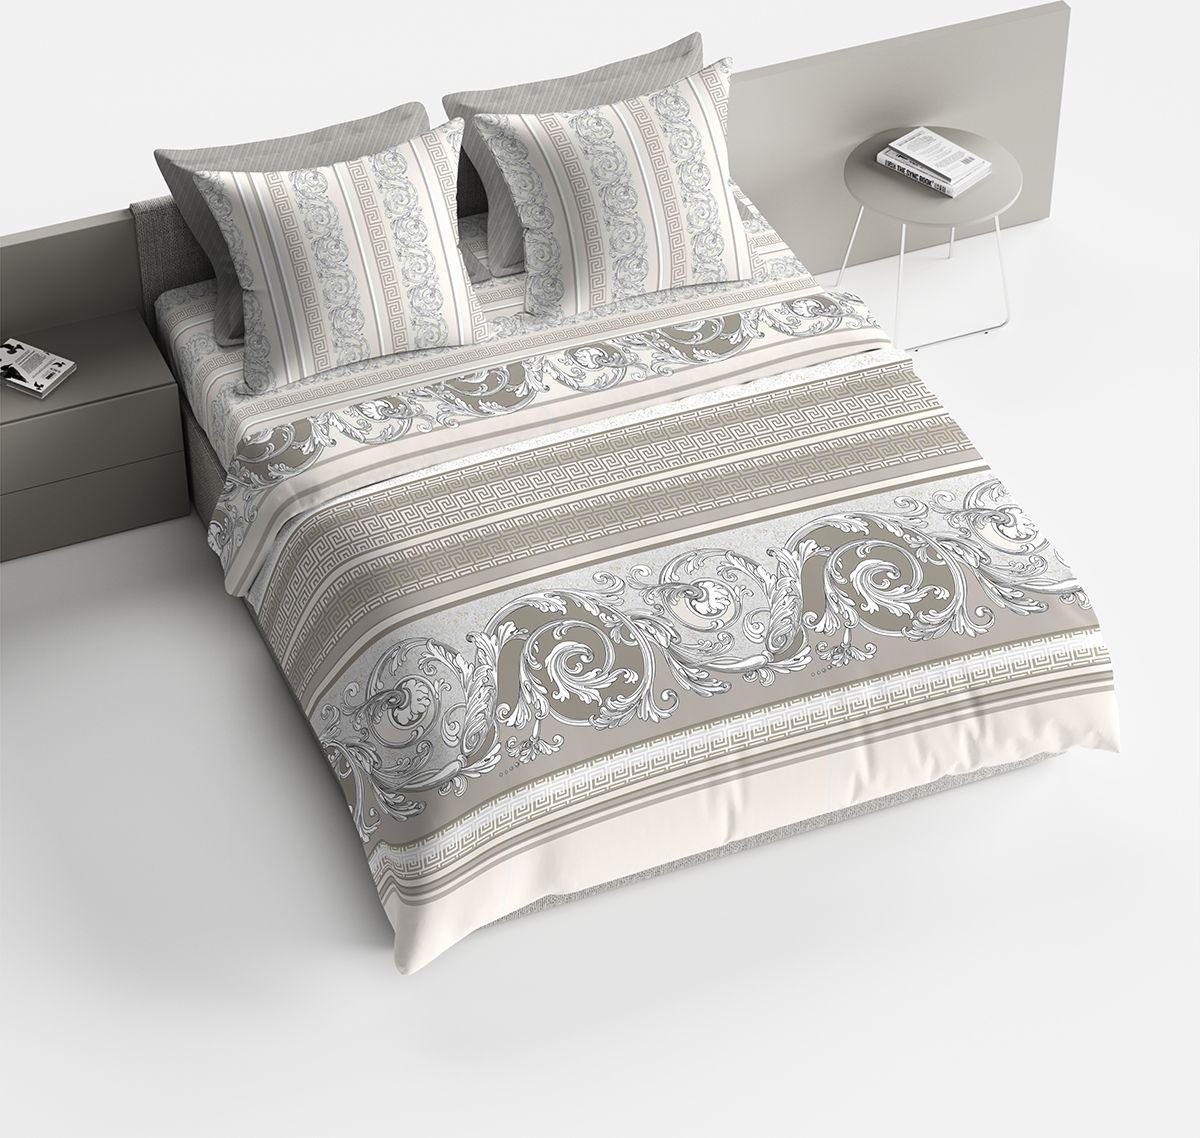 Комплект белья Браво Барокко, cемейный, наволочки 70x70, цвет: серый комплект семейного белья василиса нежная роза 4172 1 70x70 c рб